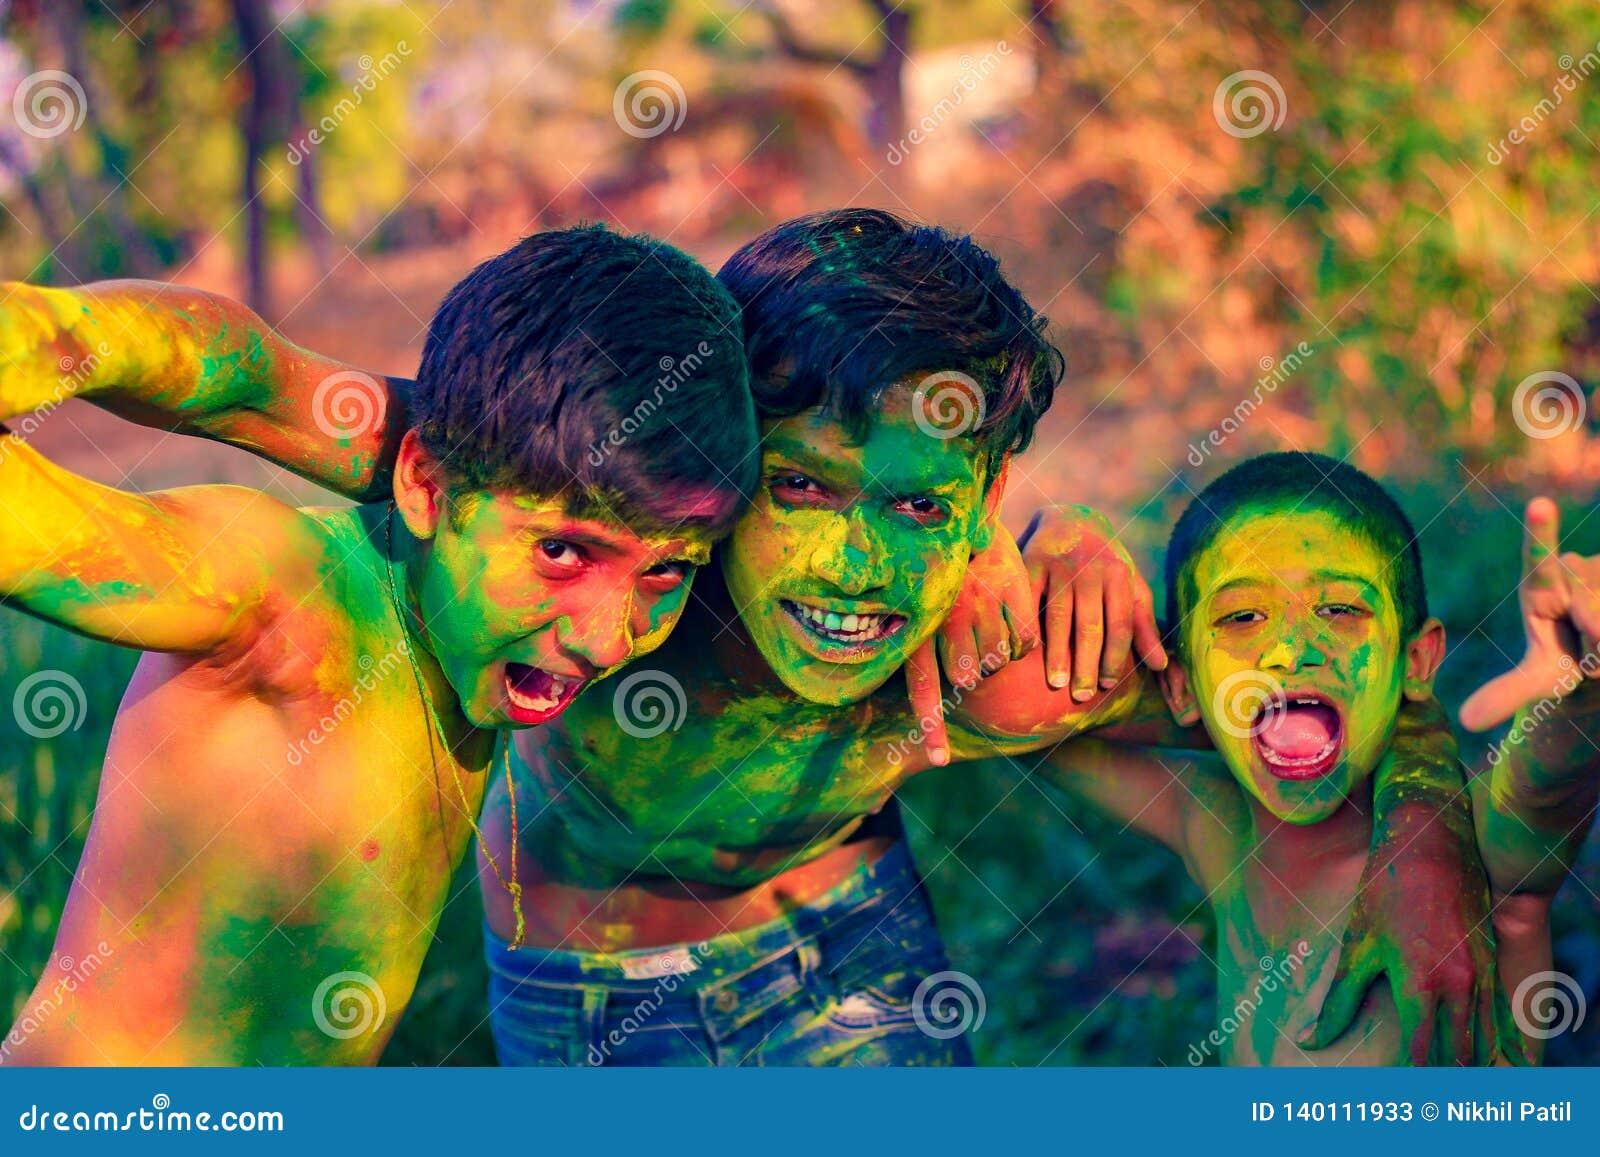 Het Indische kind spelen met de kleur in holifestival